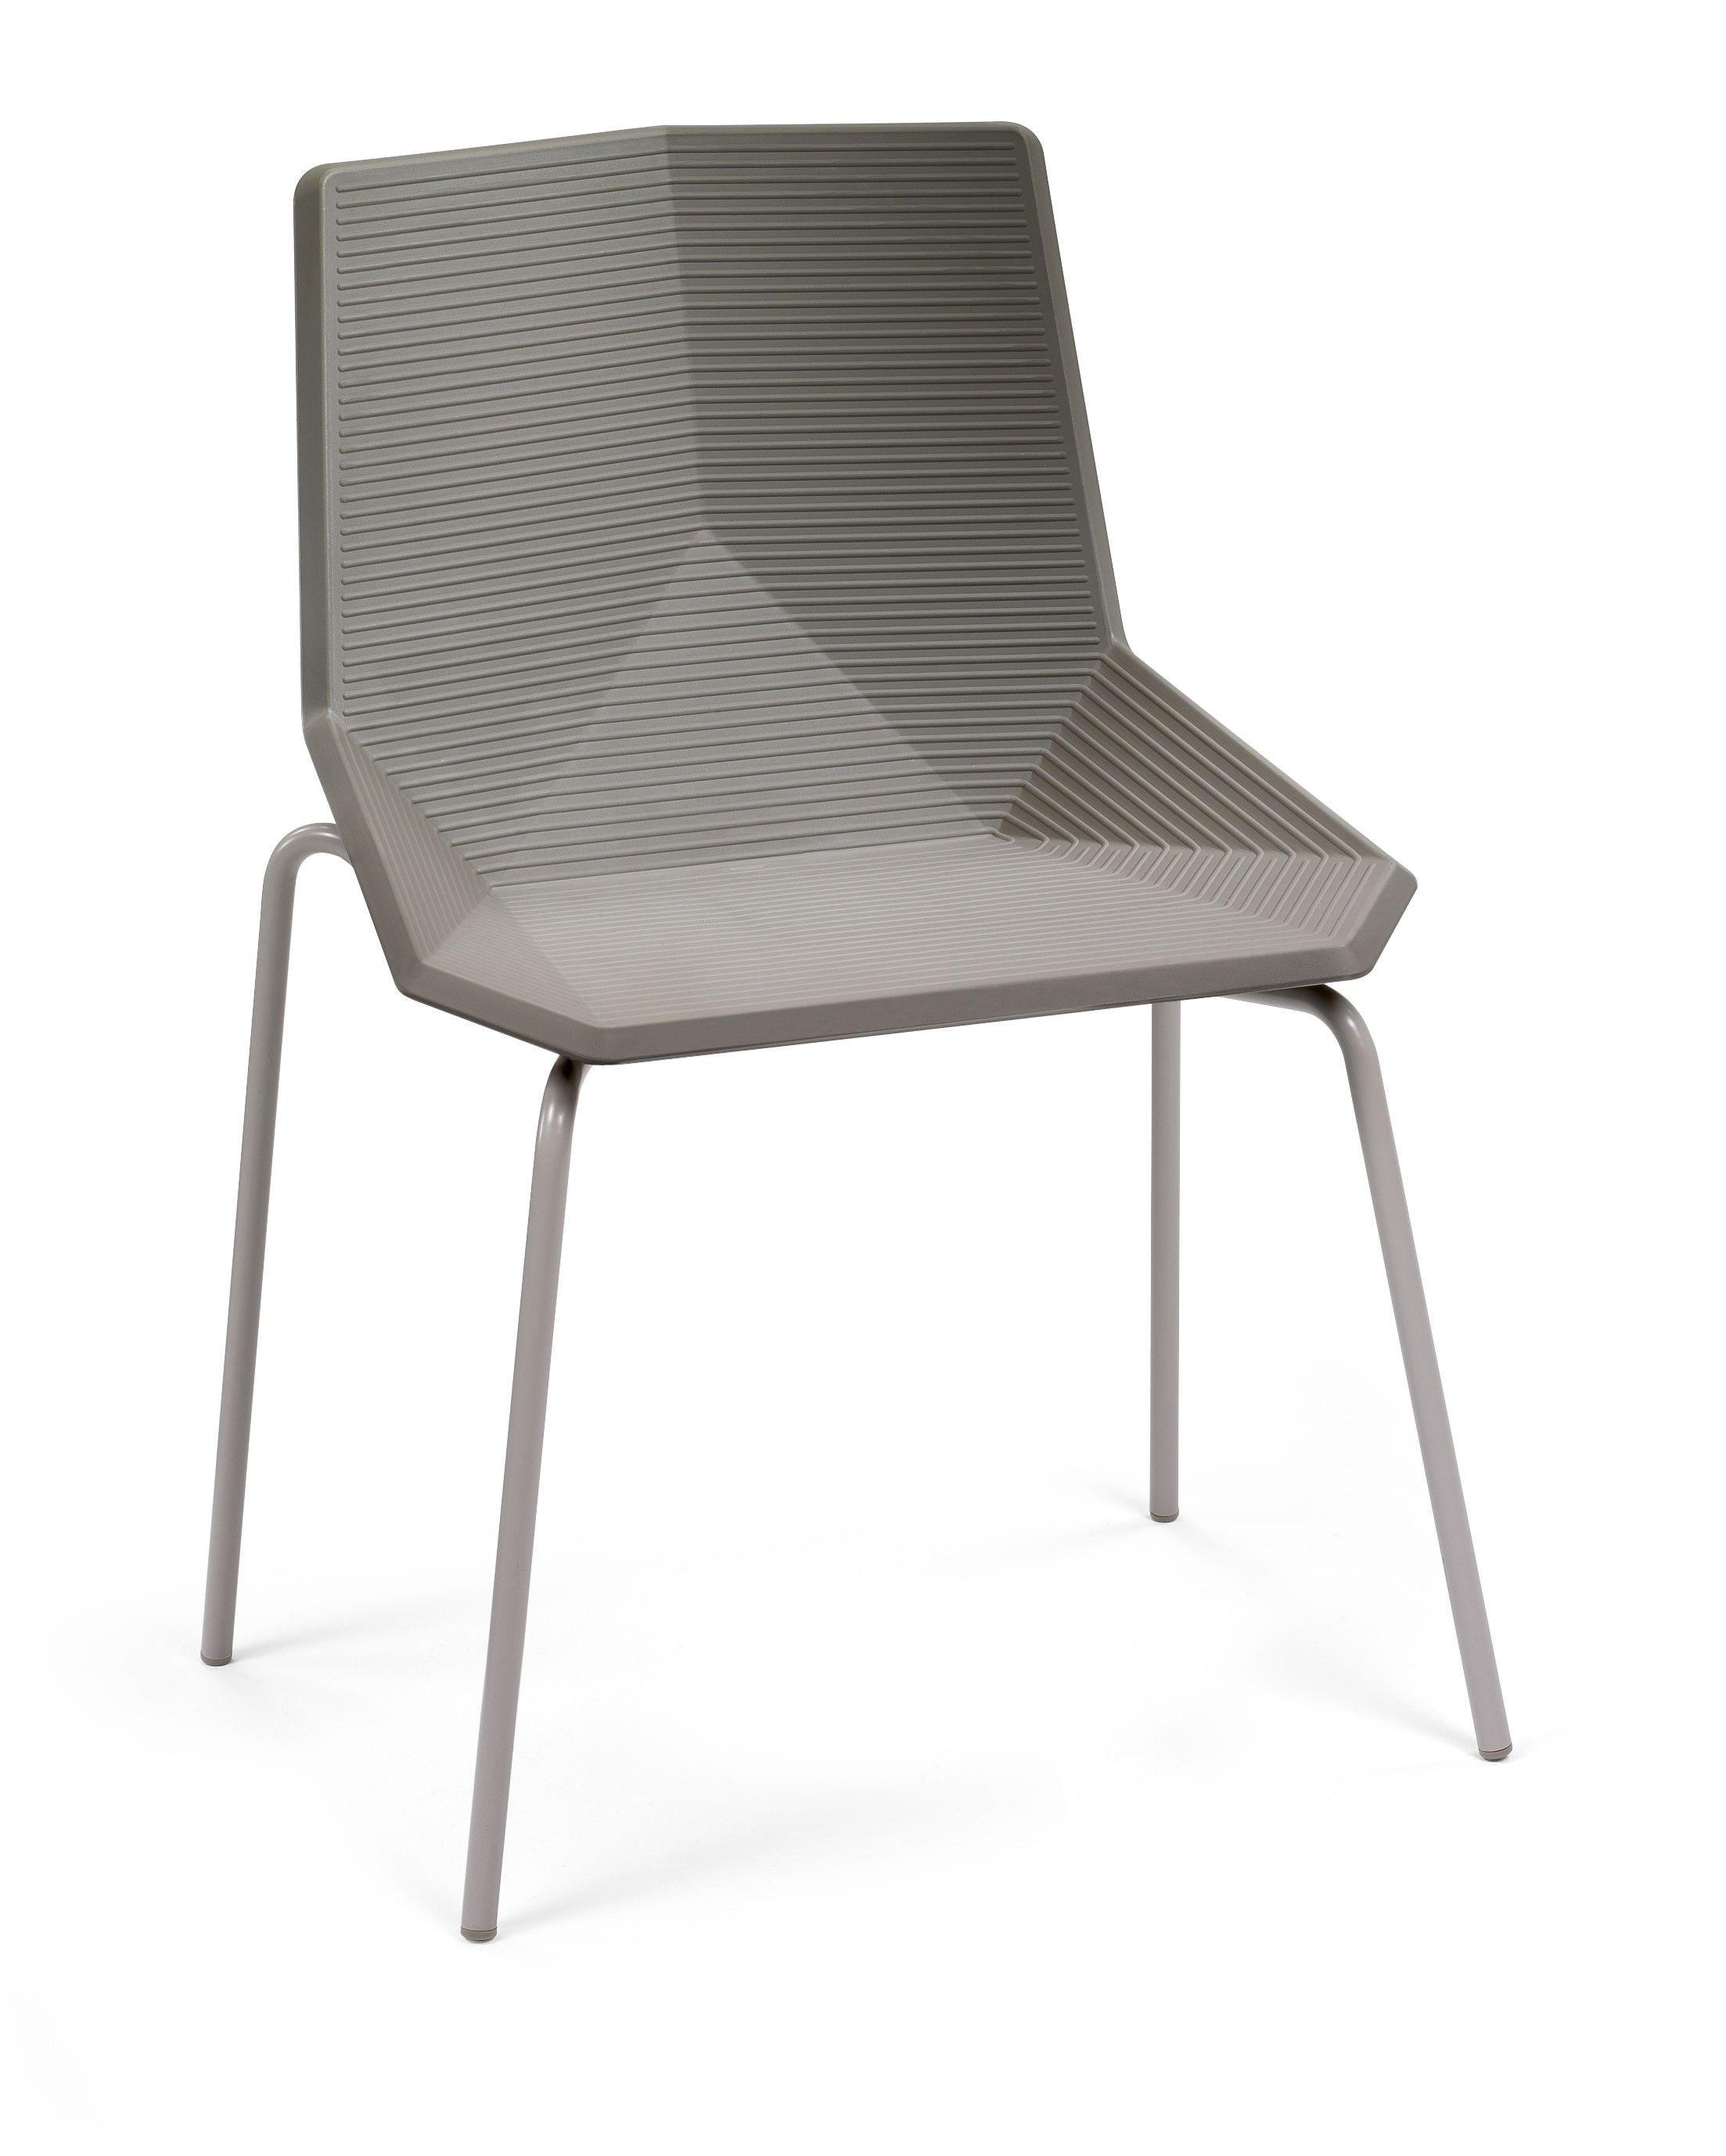 Jetzt bei Desigano.com Green eco Stuhl mit Metallgestell Sitzmöbel ...